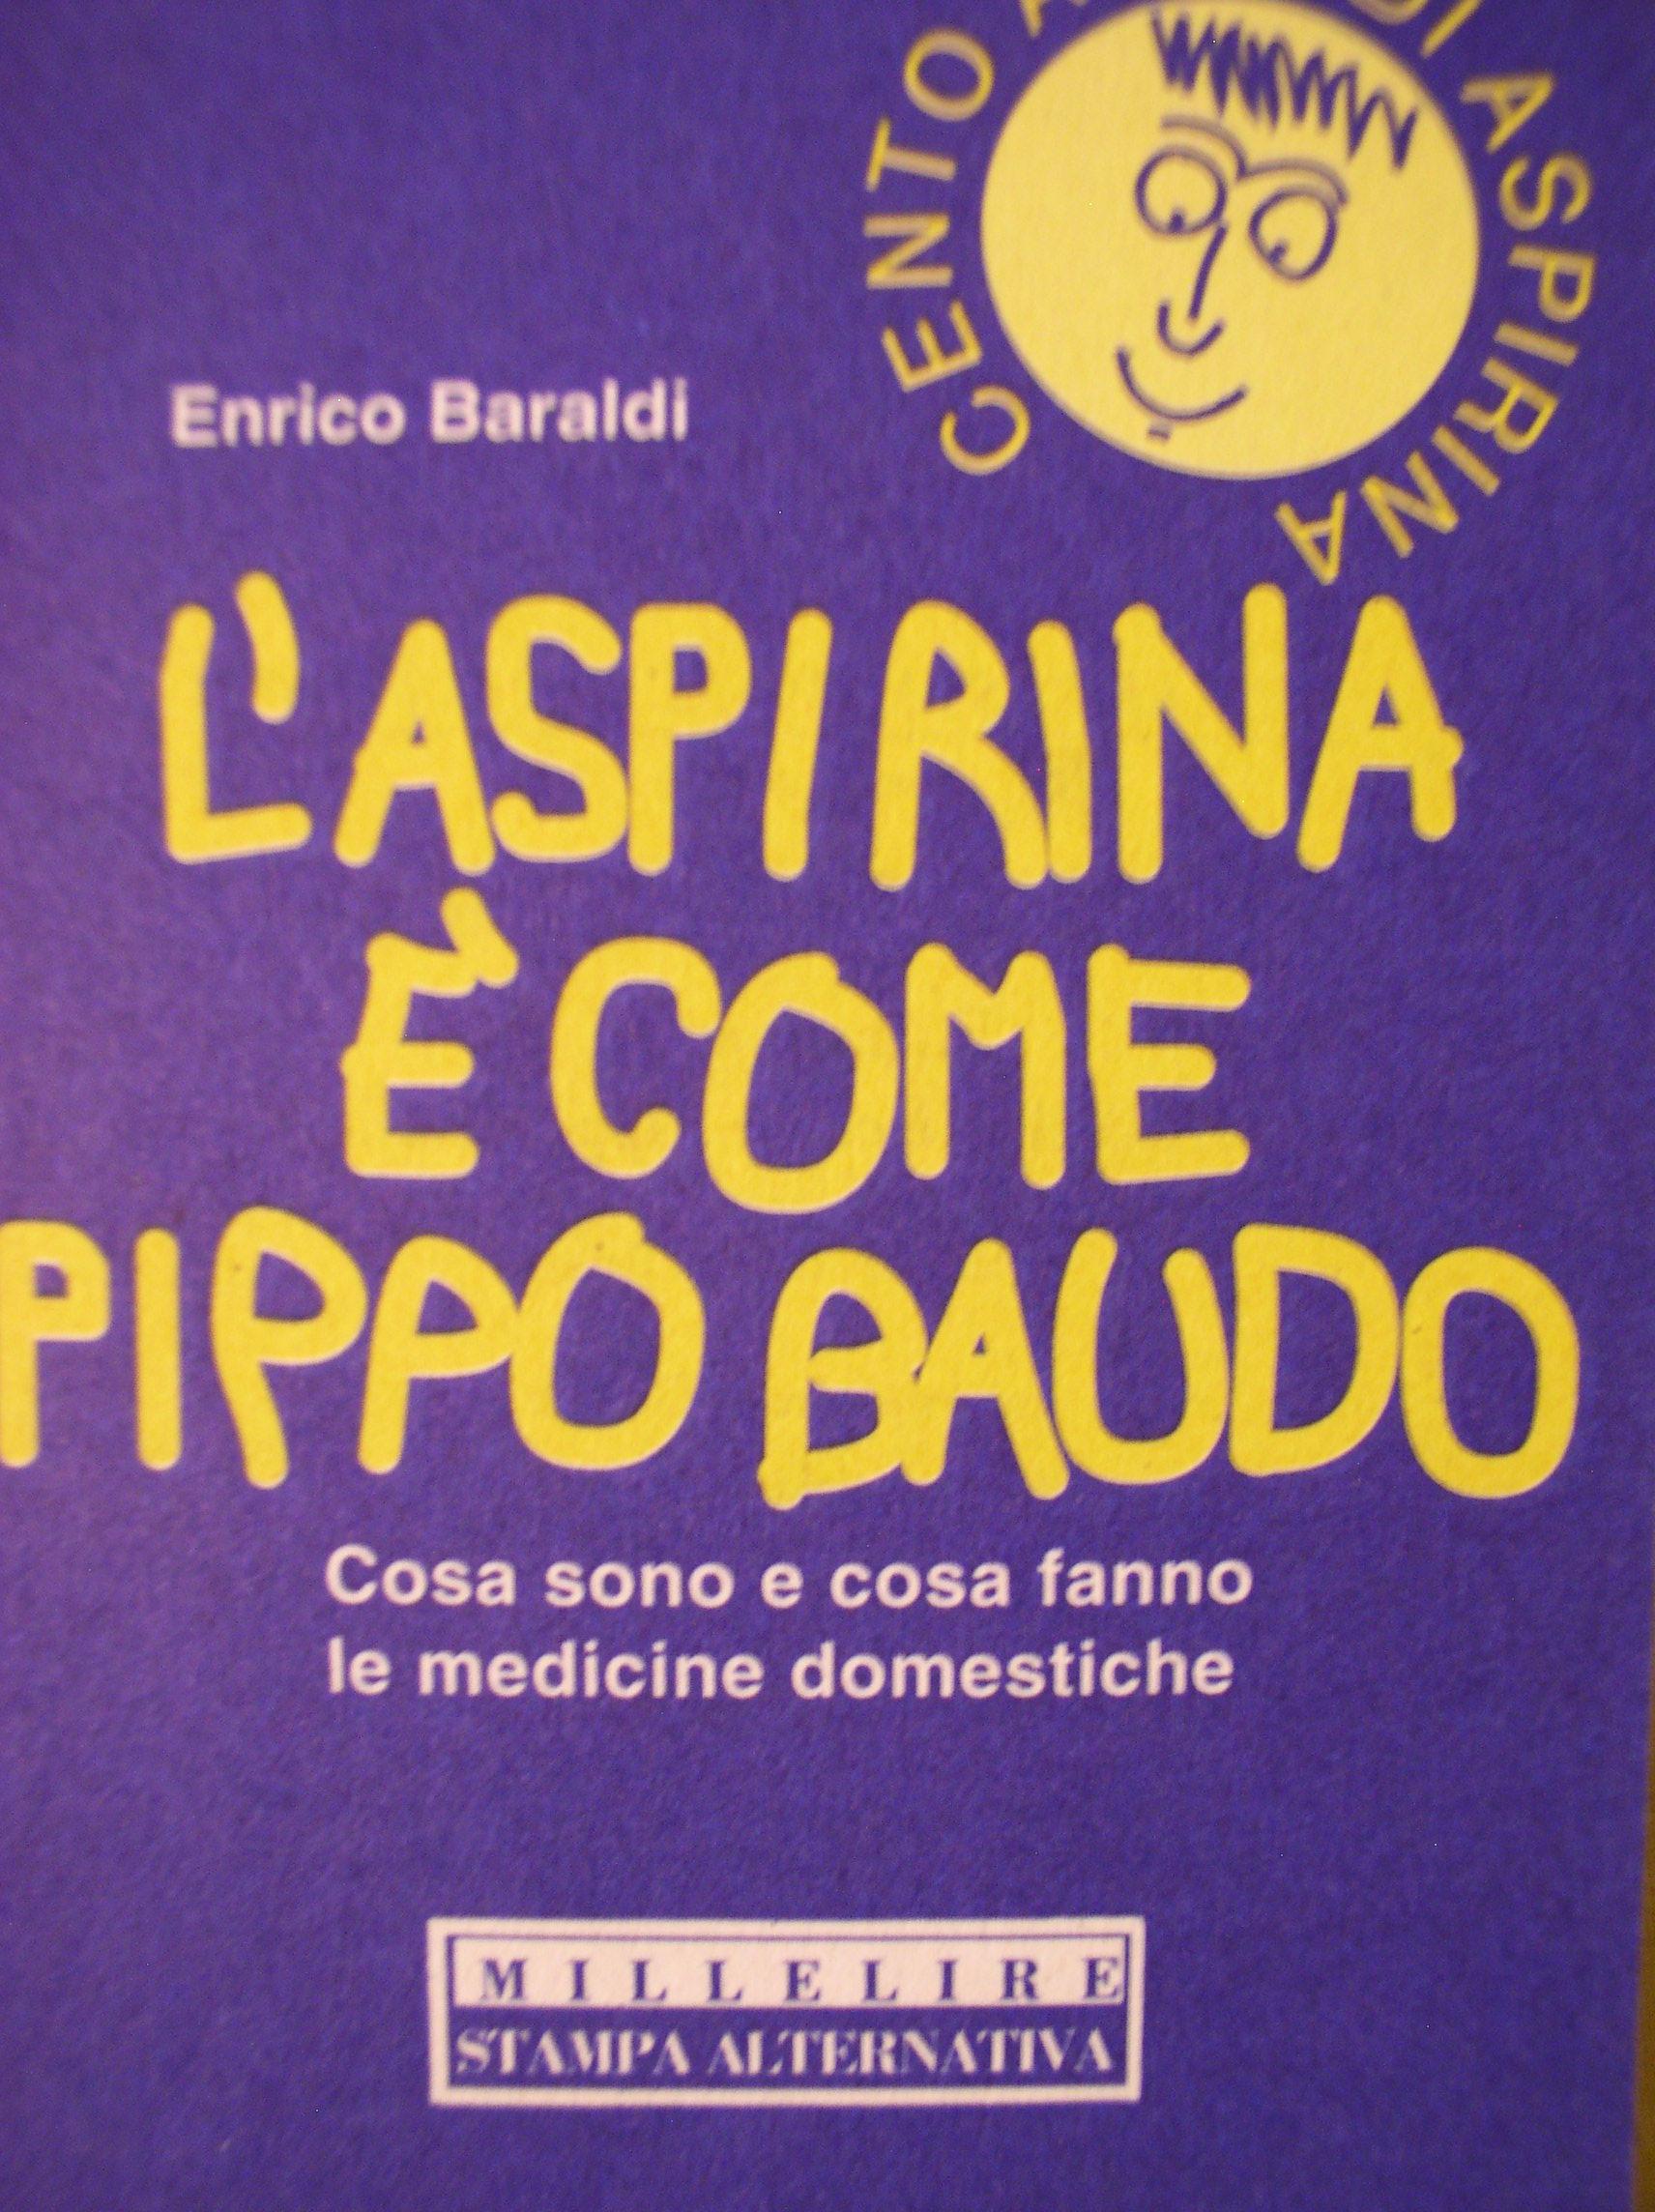 L'Aspirina è come Pippo Baudo